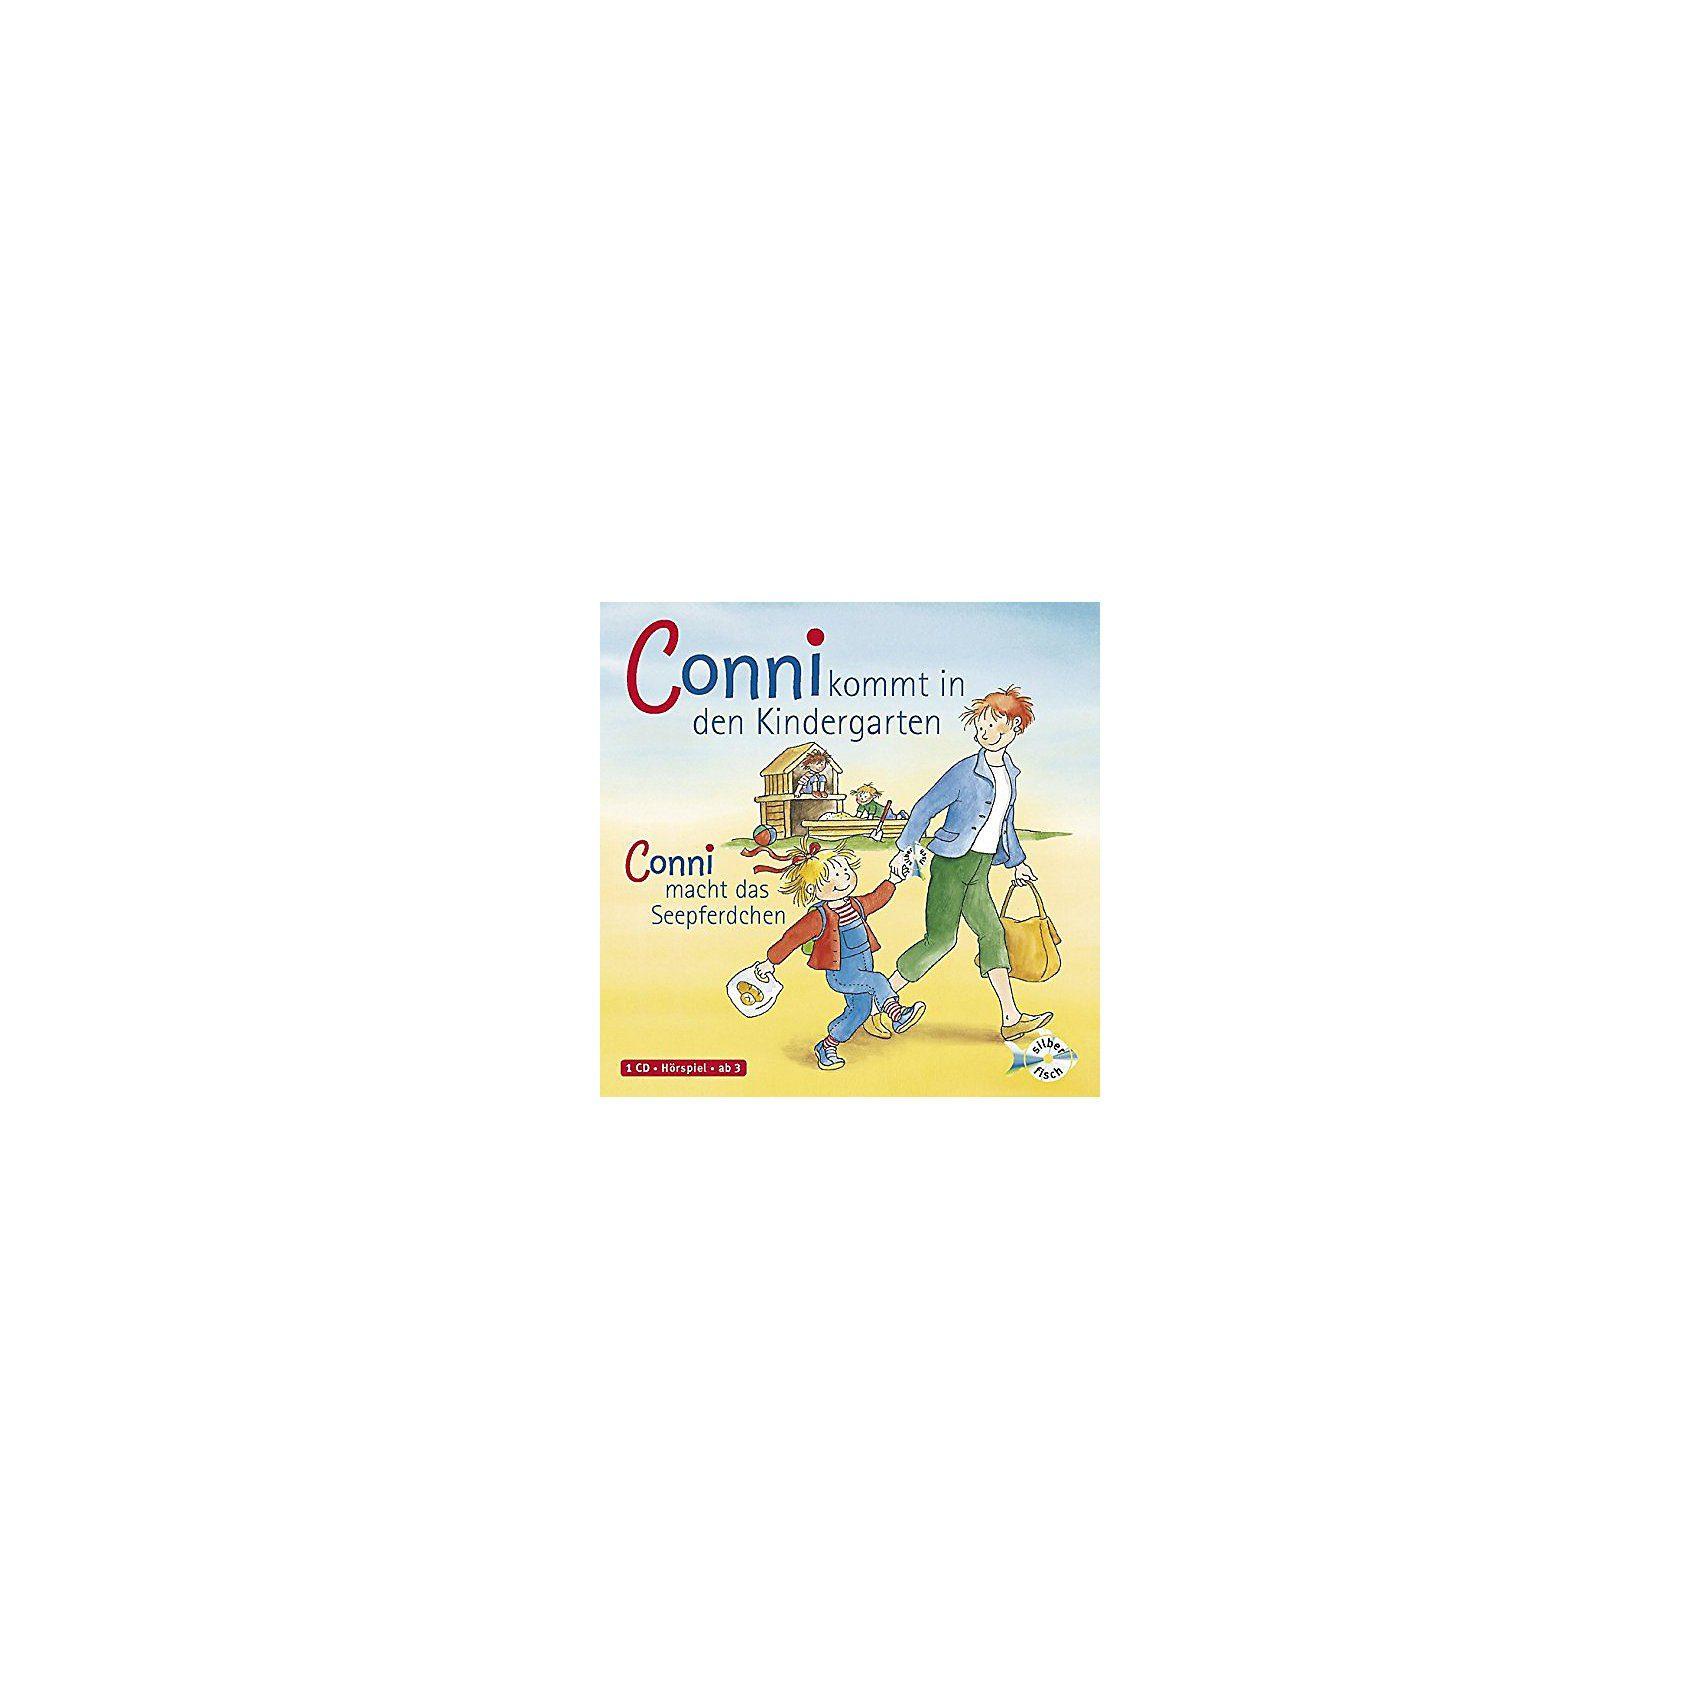 Universal CD Conni 01 (Kindergarten / Seepferdchen)